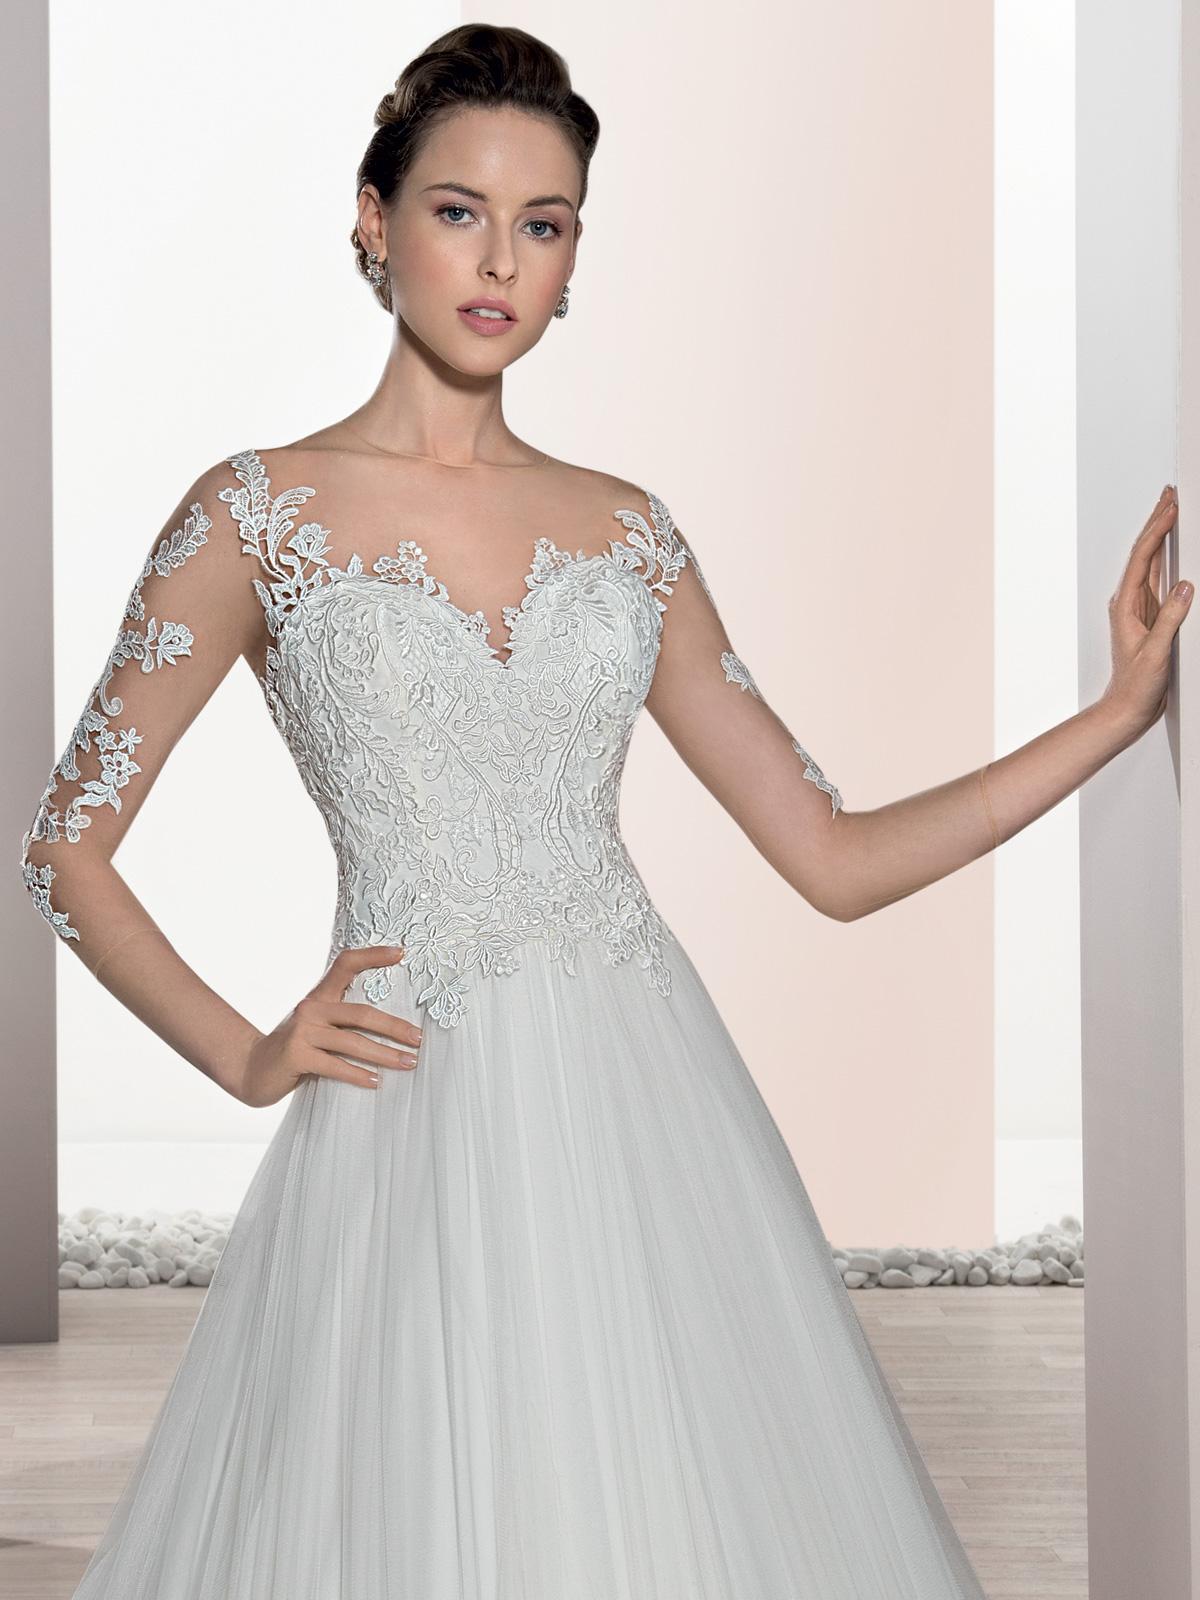 Vestido de Noiva Janete - Hipnose Alta Costura e Spa para Noivas e Noivos - Campinas - SP Vestido de Noiva, Vestidos de Noiva Princesa, Hipnose Alta Costura, Vestido de Noiva Janete